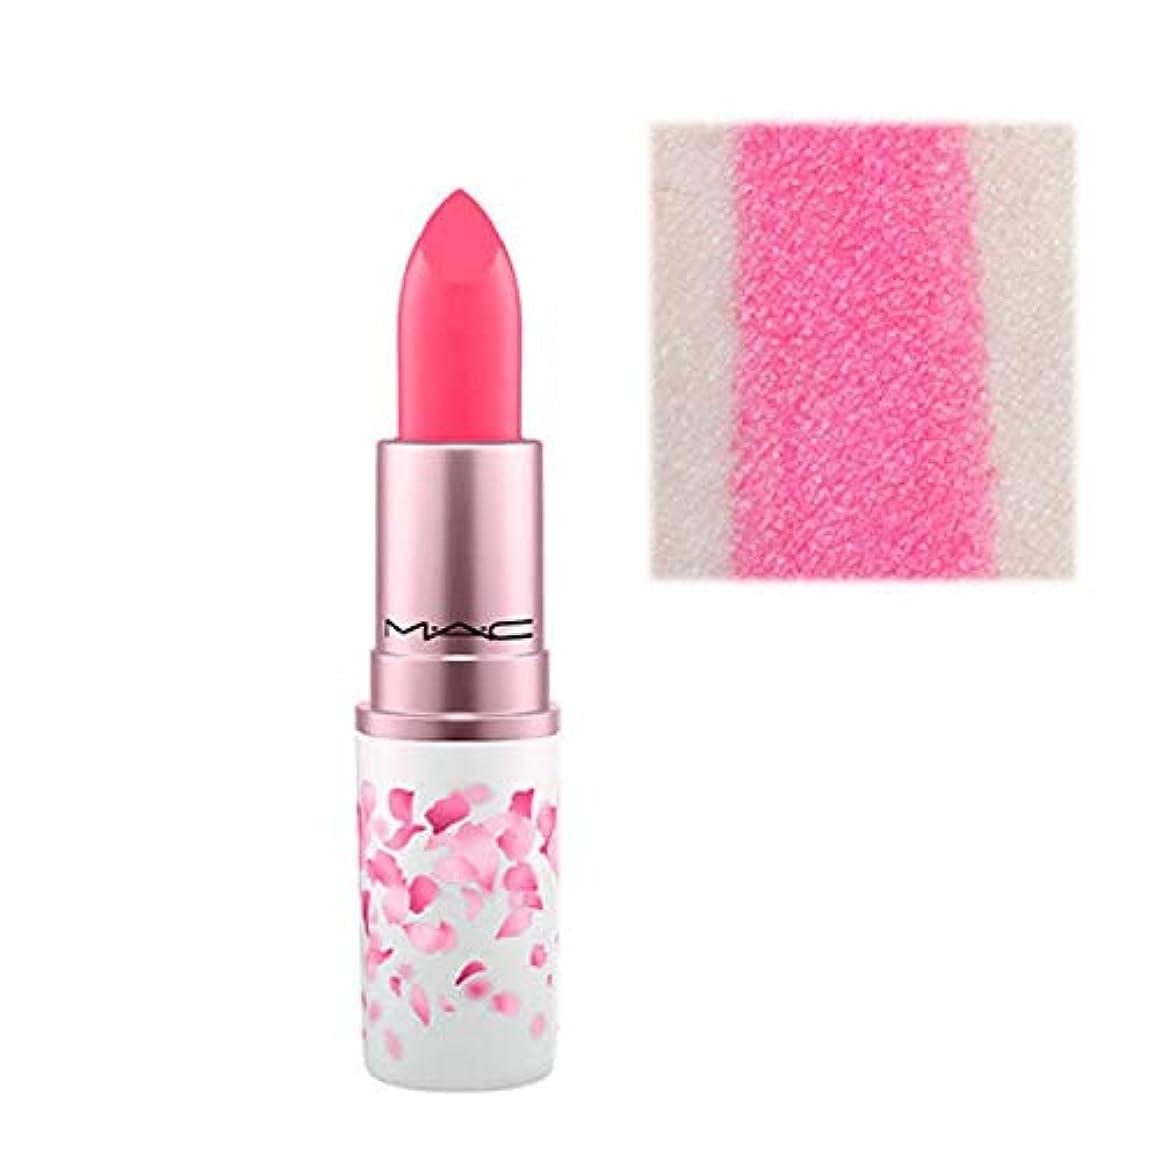 引っ張る集計ビルダーM.A.C ?マック, 限定版, 2019 Spring, Lipstick/Boom, Boom, Bloom - Tsk Tsk [海外直送品] [並行輸入品]